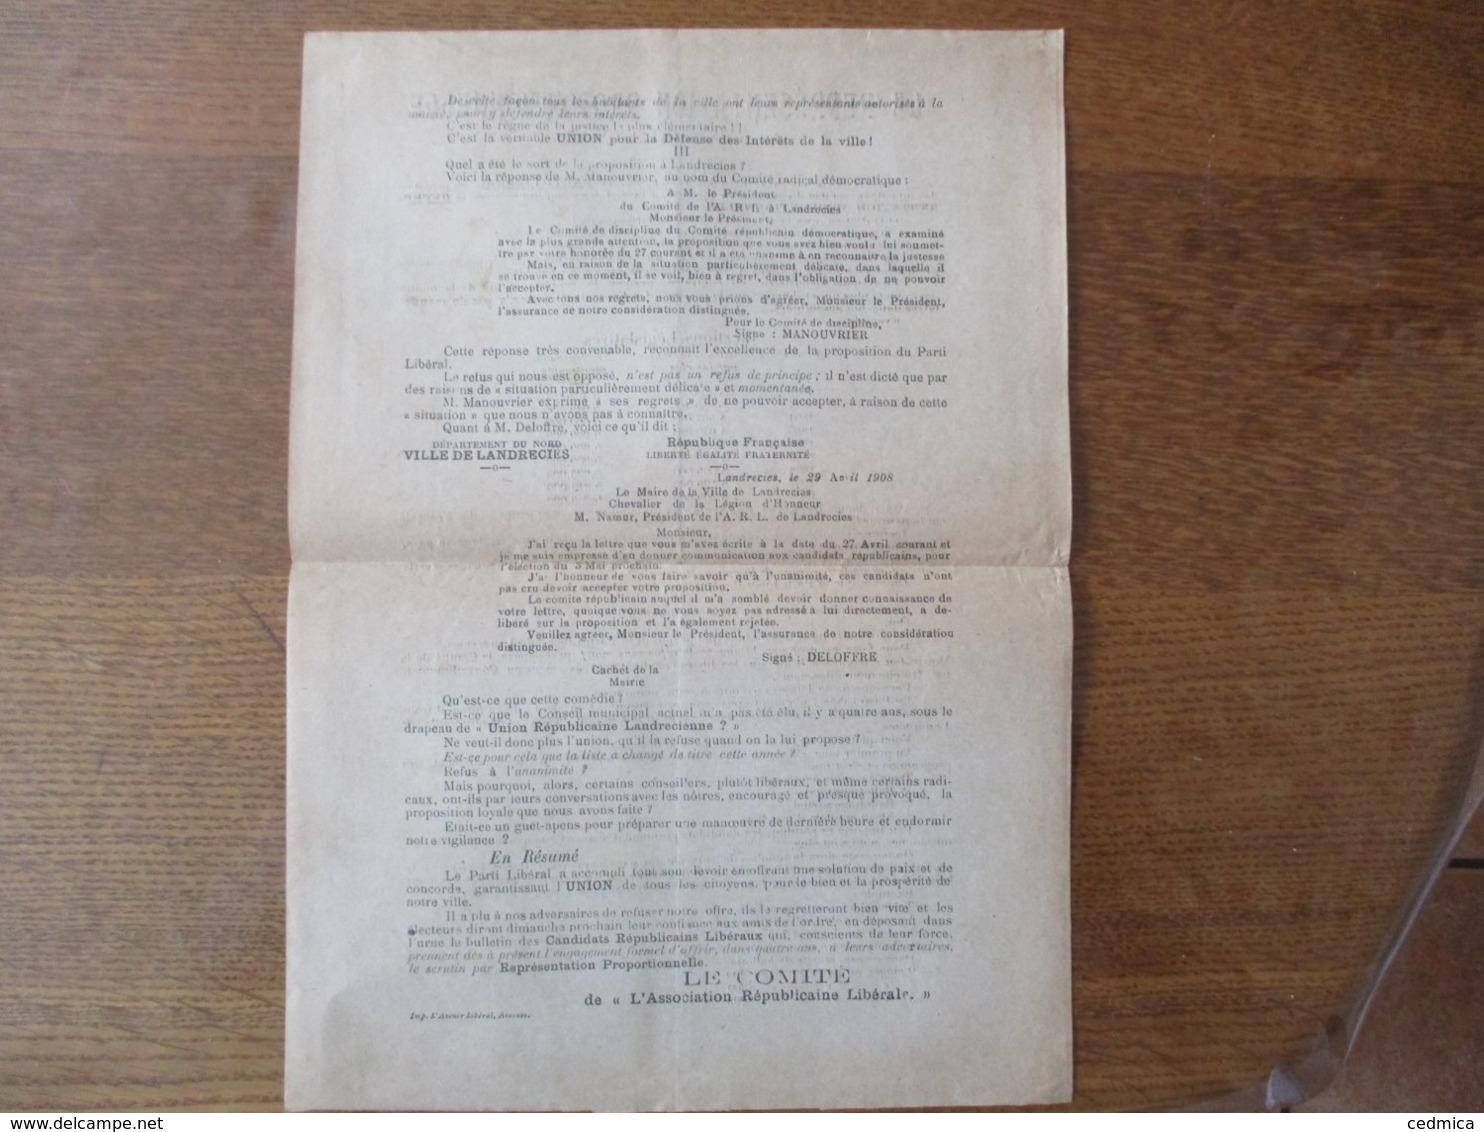 """1908 LA REPRESENTATION PROPORTIONNELLE A LANDRECIES TRACT DU COMITE DE """"L'ASSOCIATION REPUBLICAINE LIBERALE"""" - Historische Dokumente"""